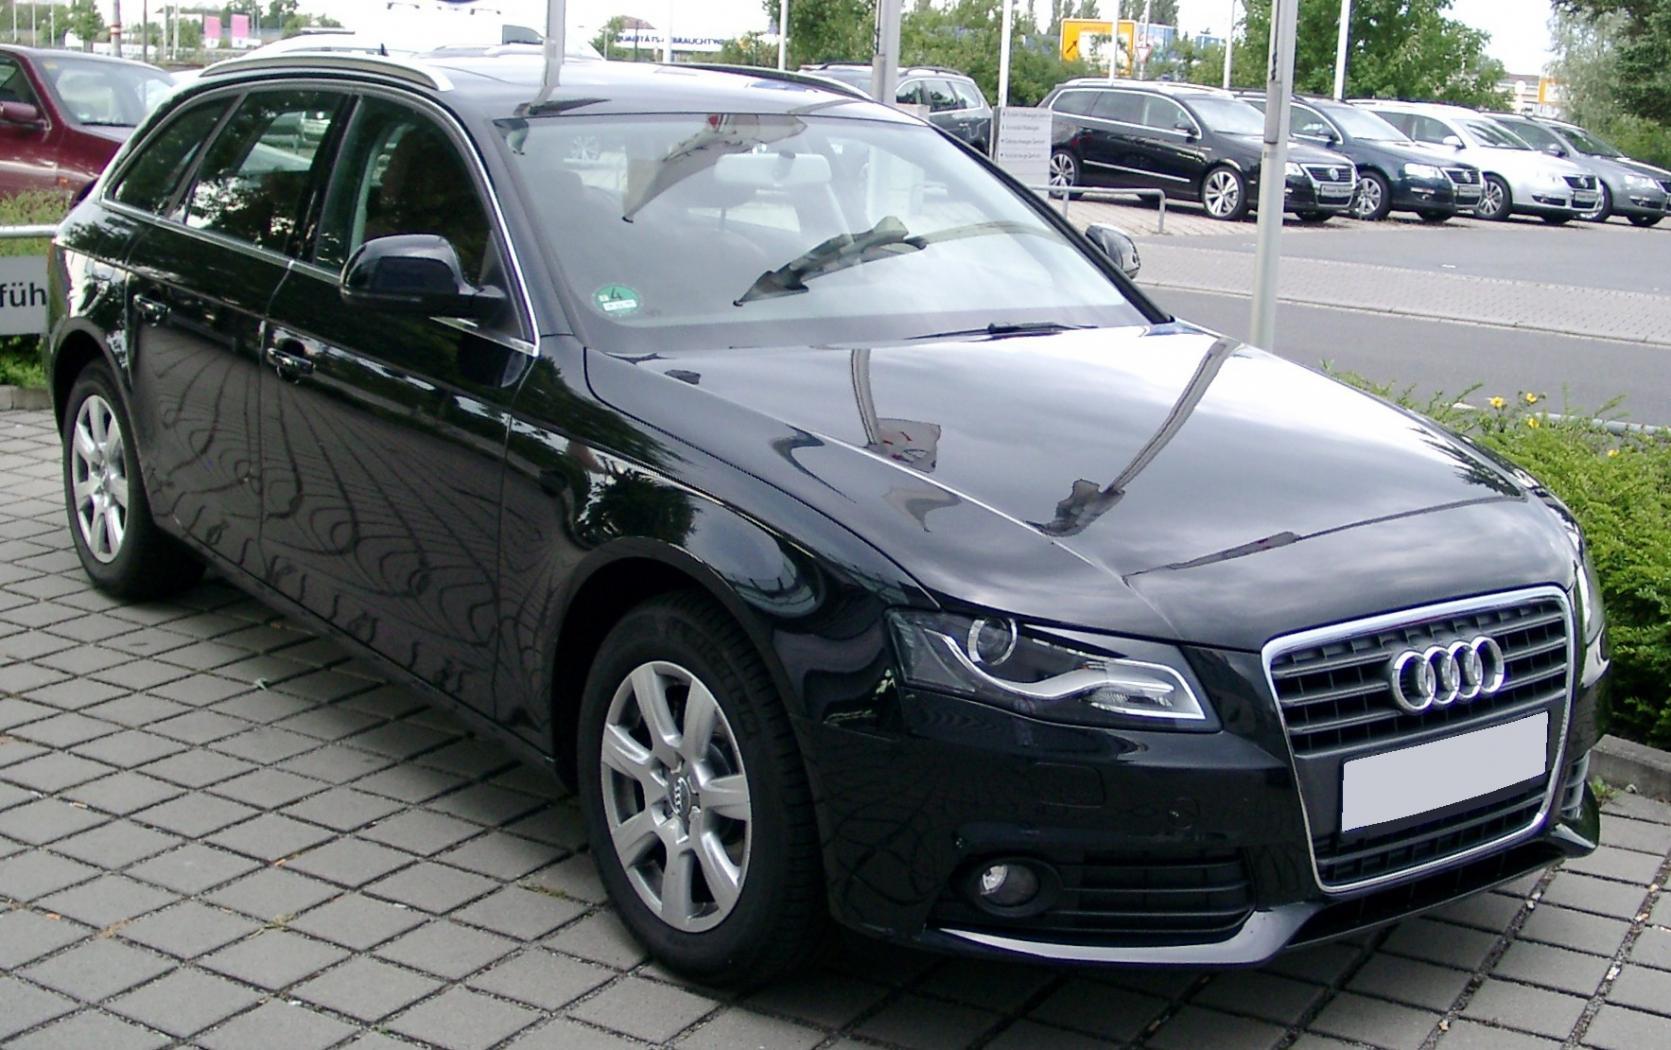 Audi-A4-B8-9